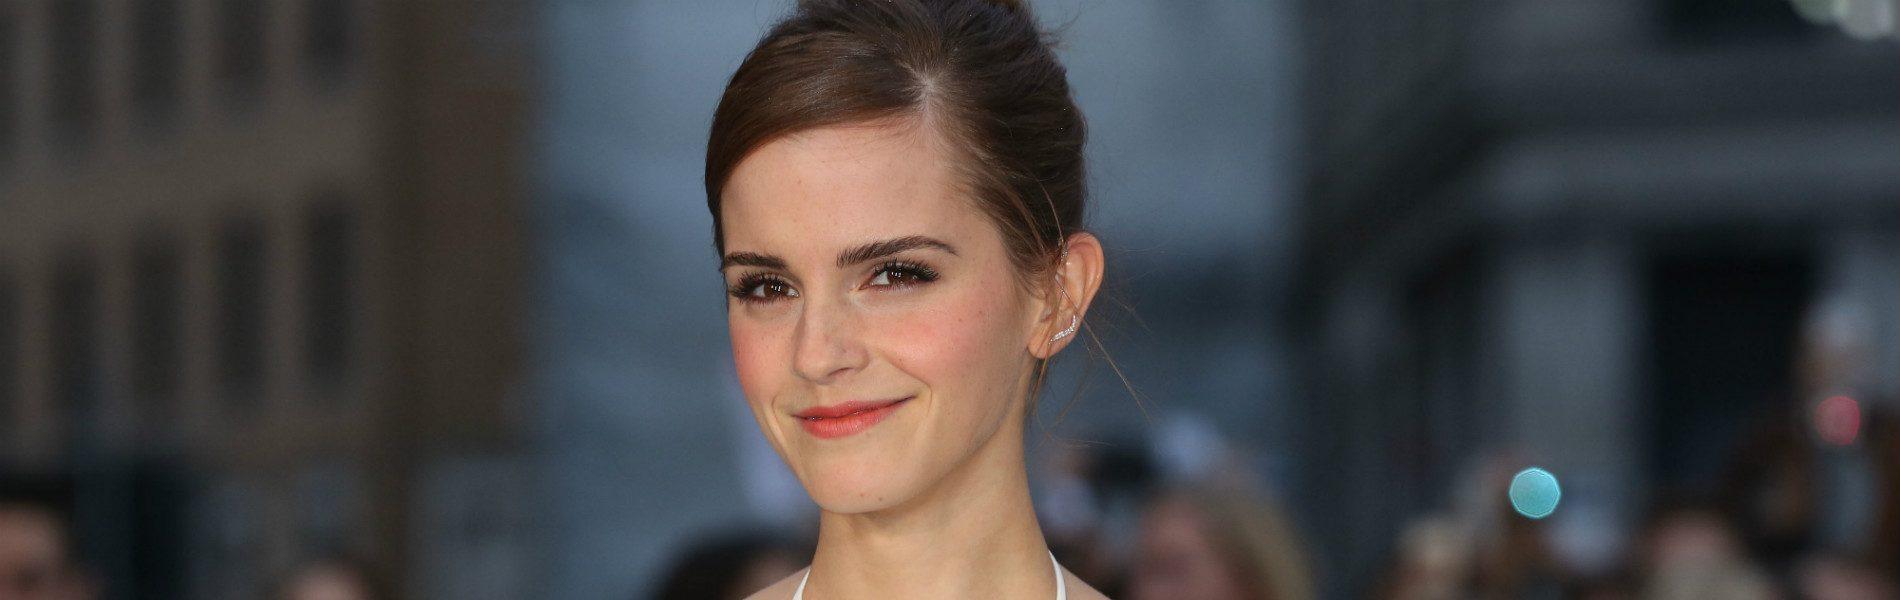 Érdekességek Emma Watson színésznőről